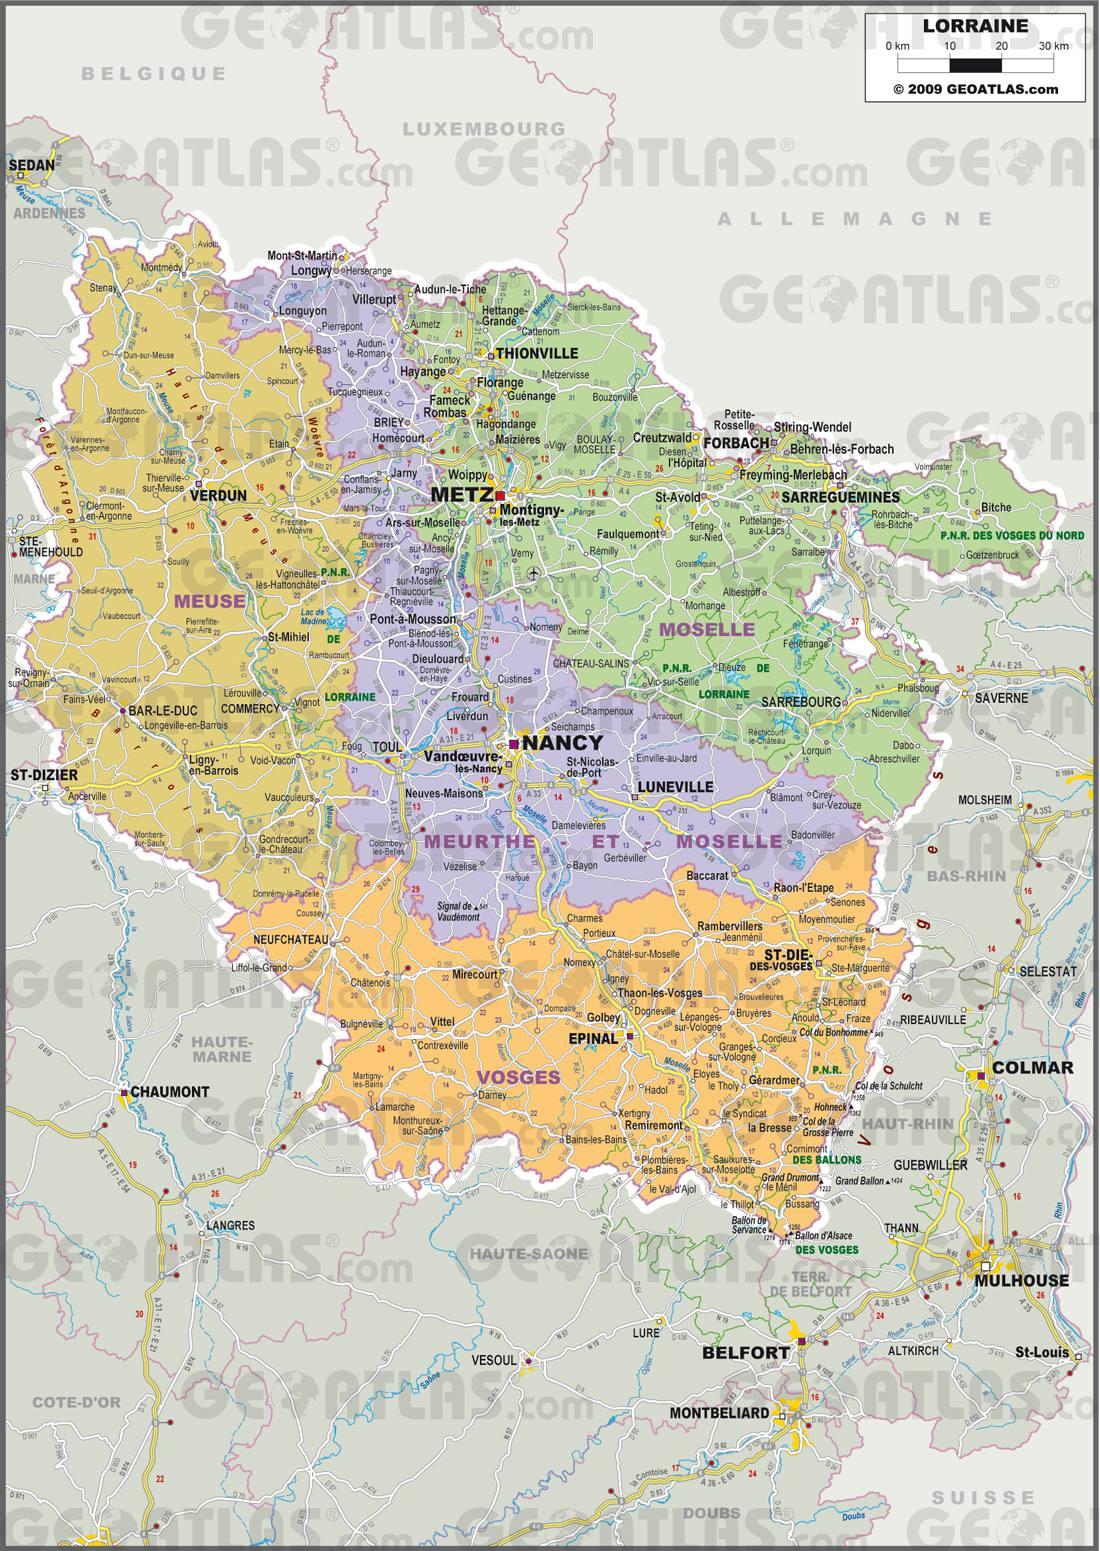 Carte administrative de la Lorraine